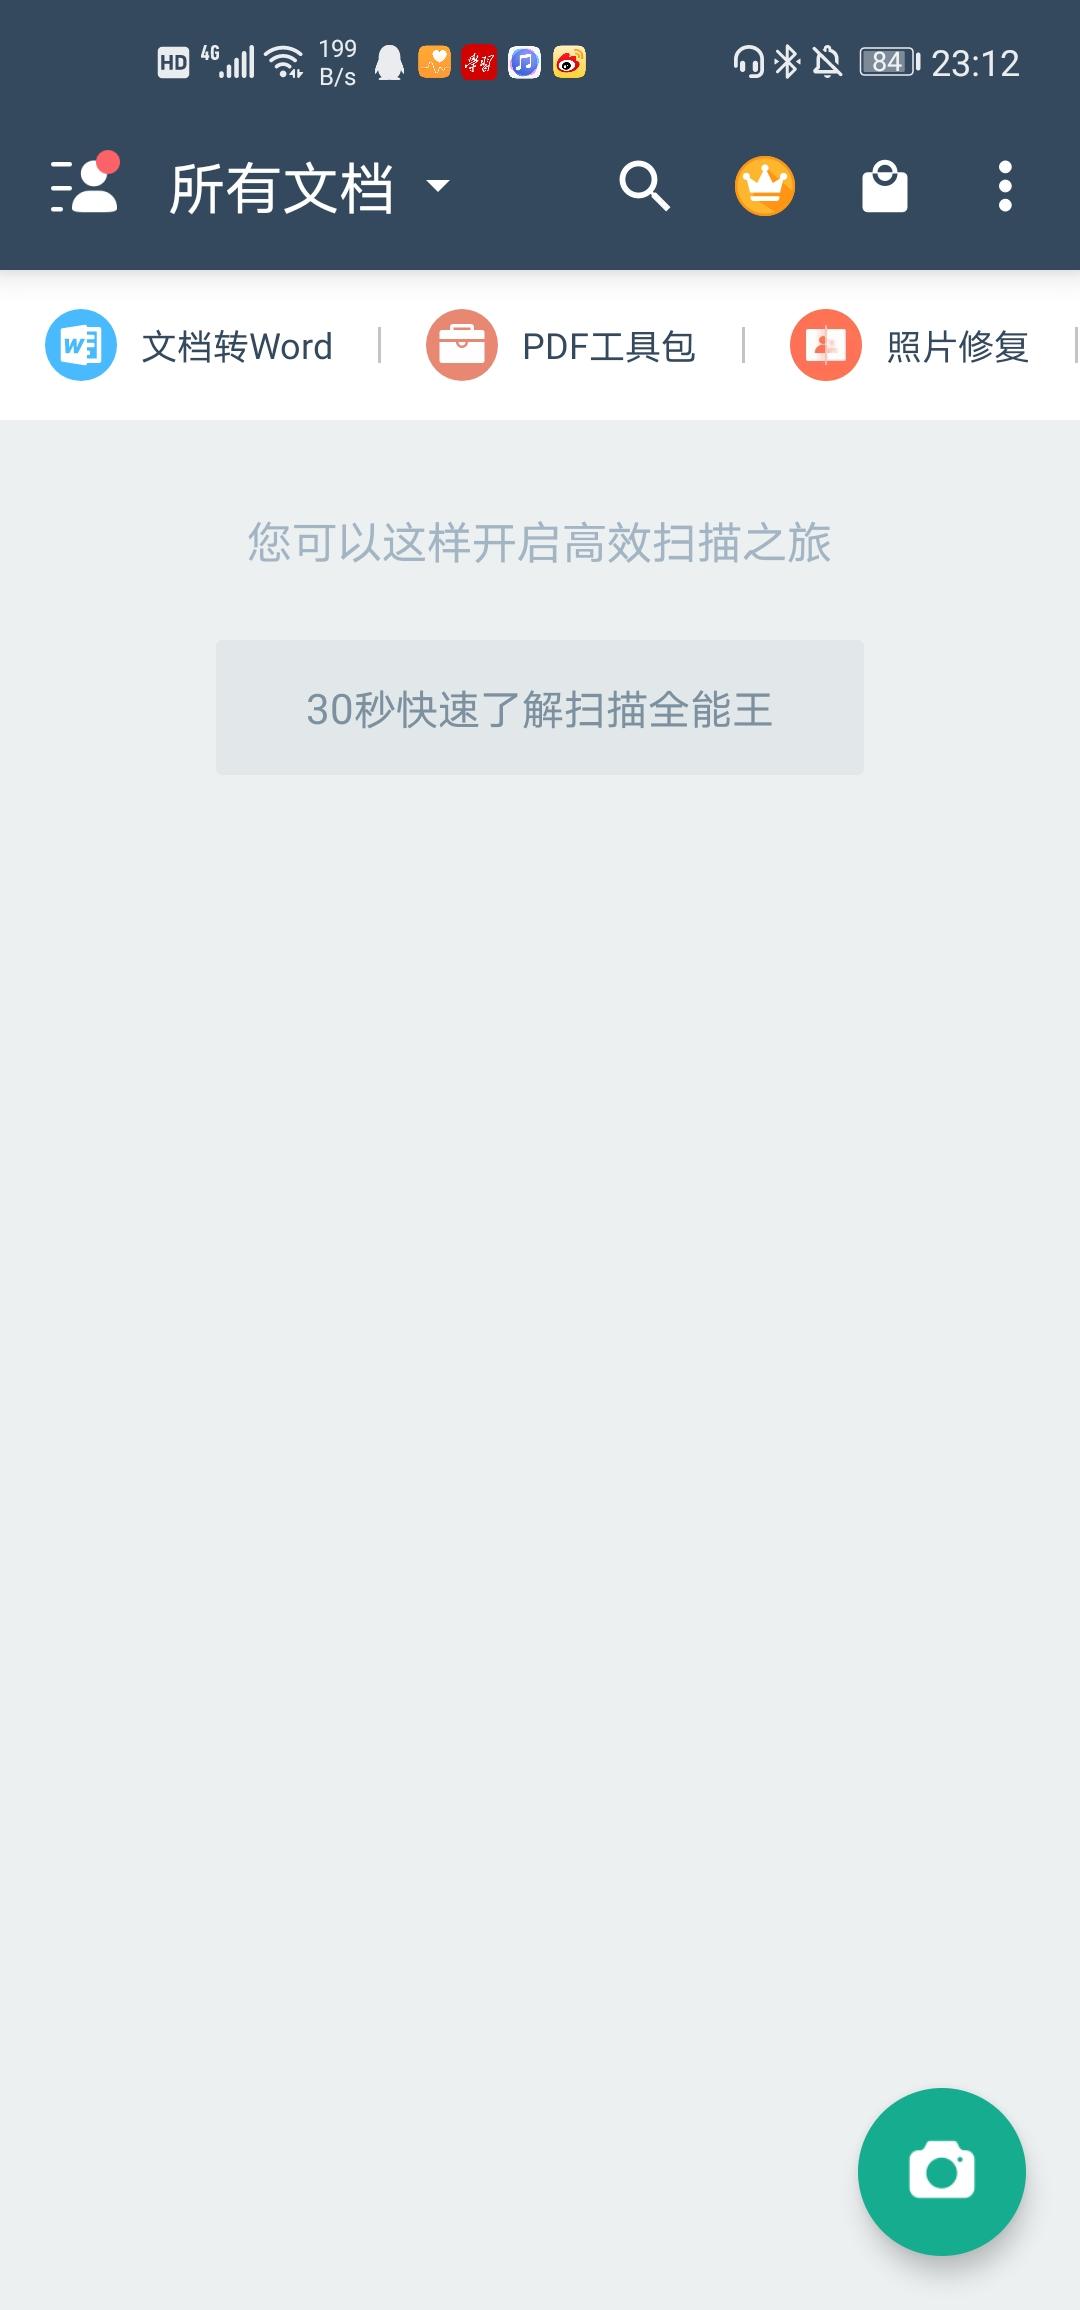 扫描全能王 v5.46  Android